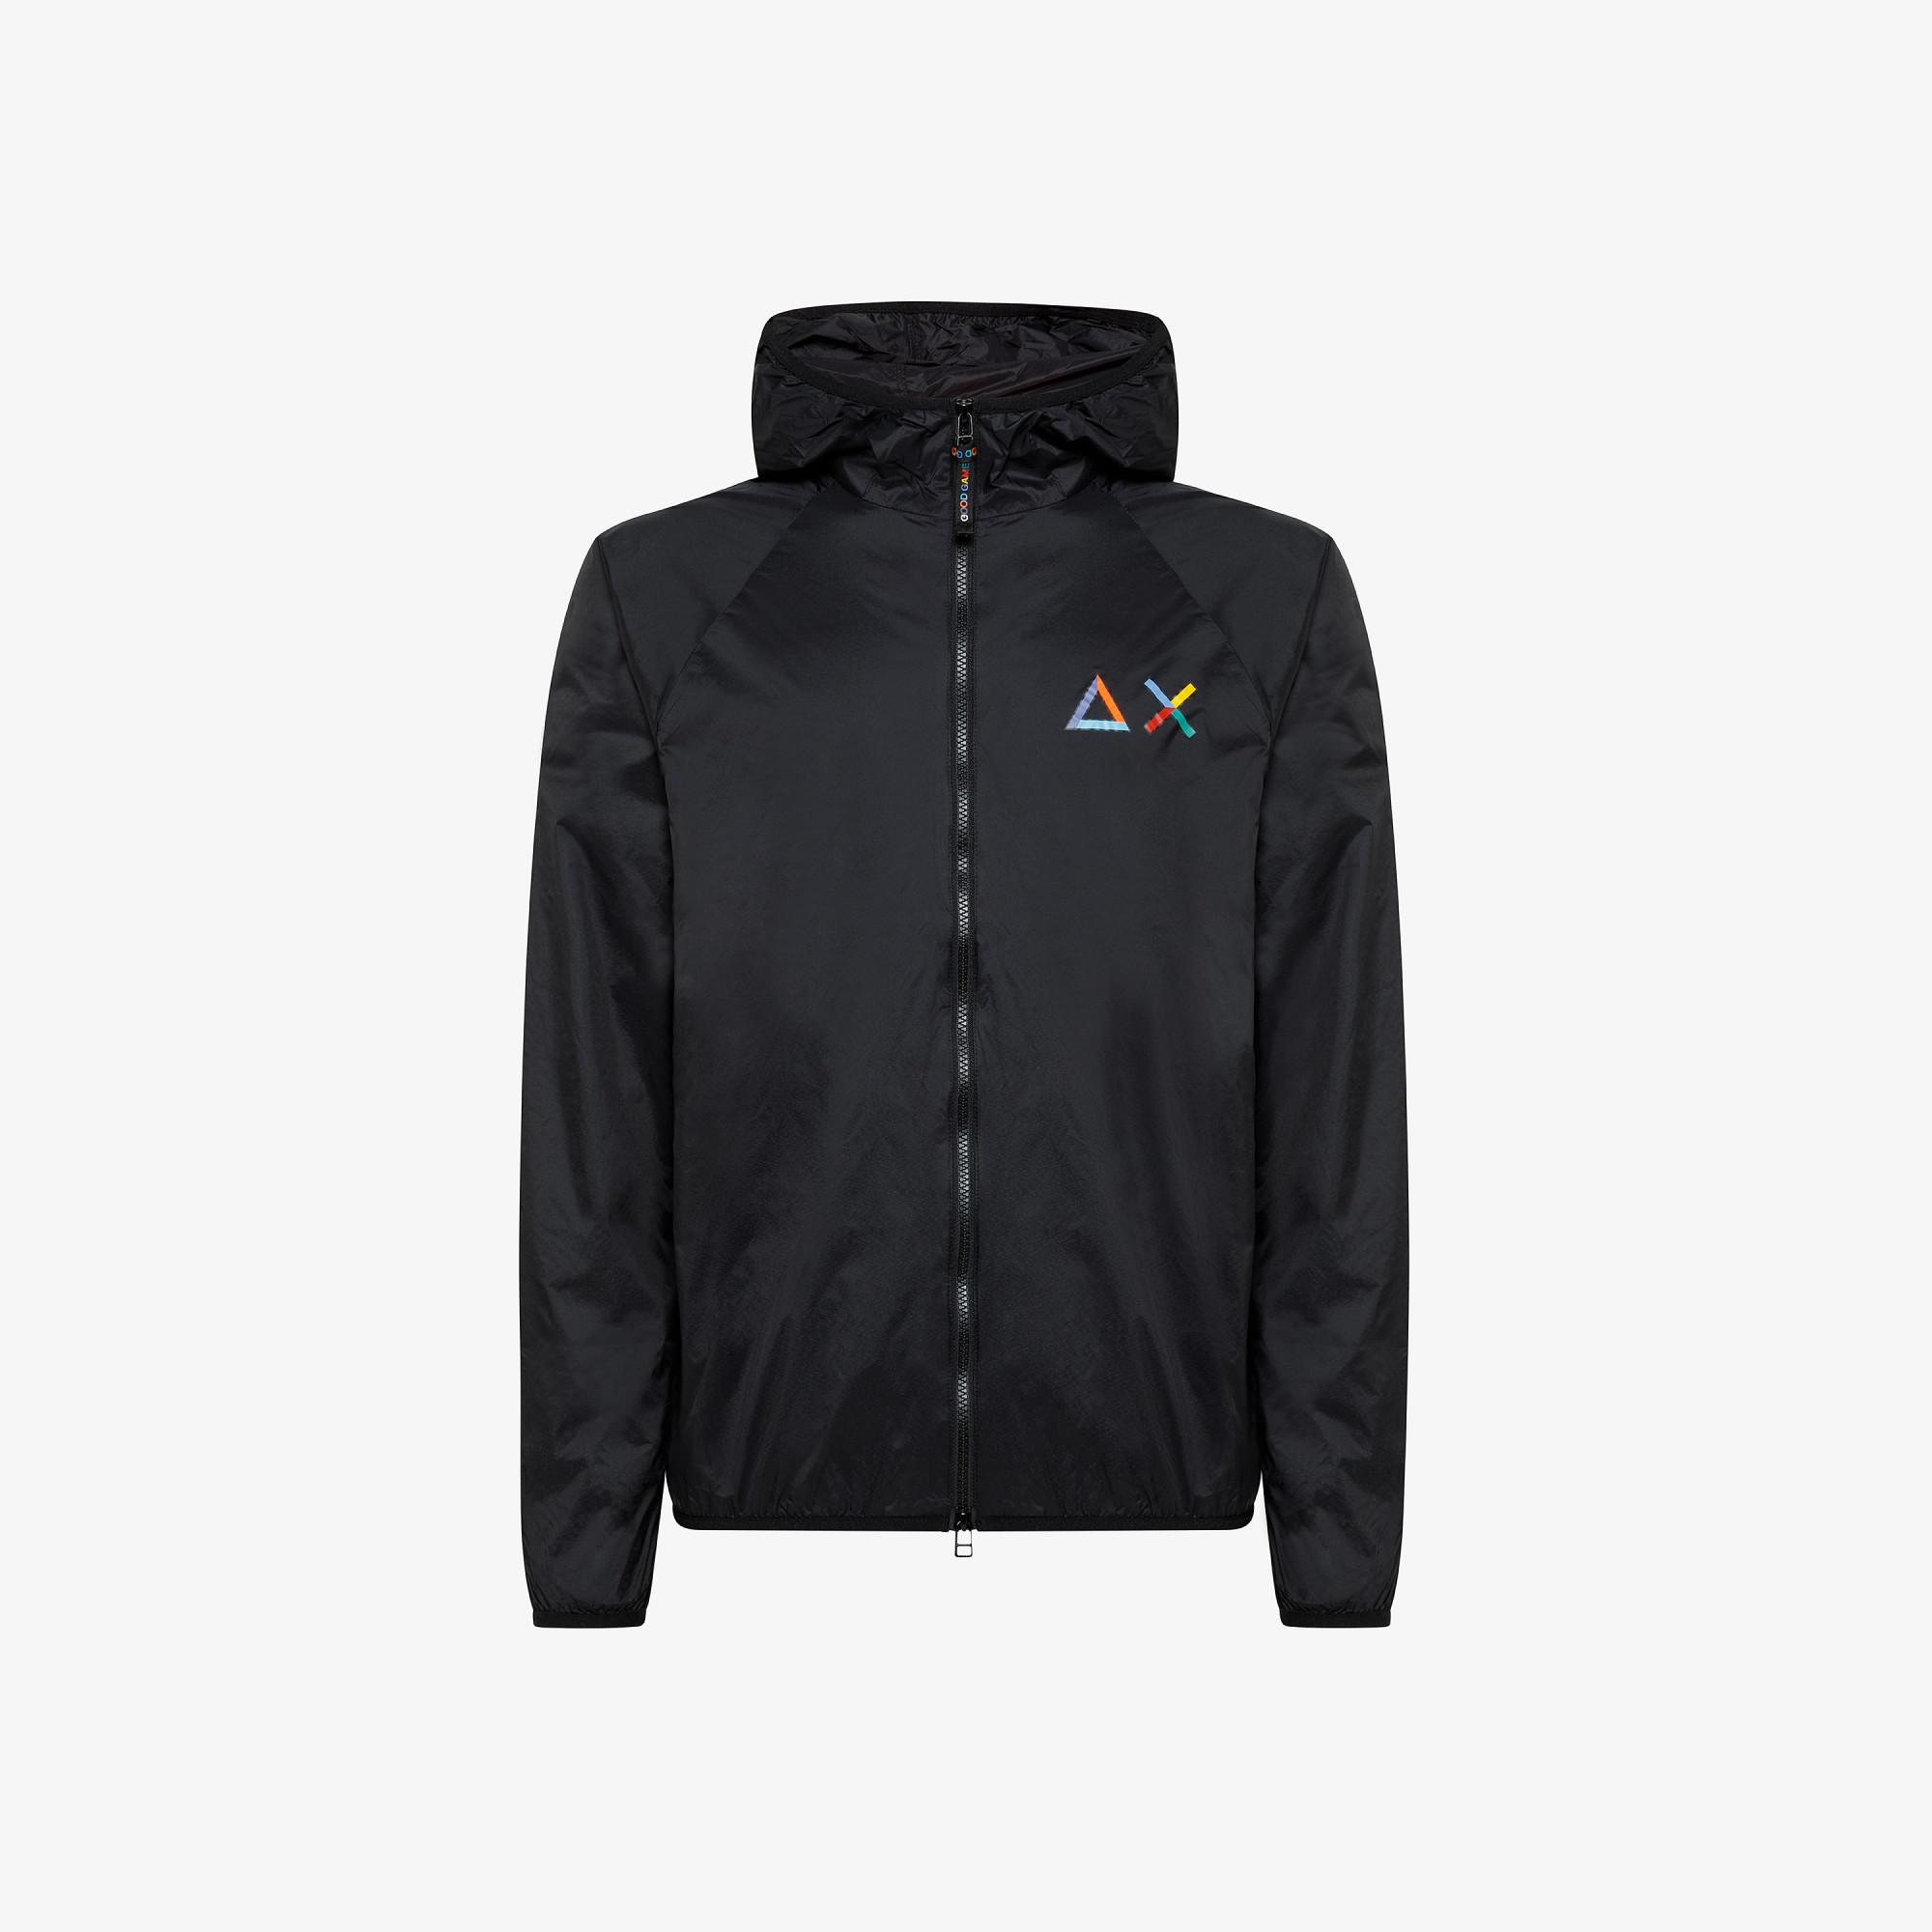 RAIN JACKET SOLID BLACK